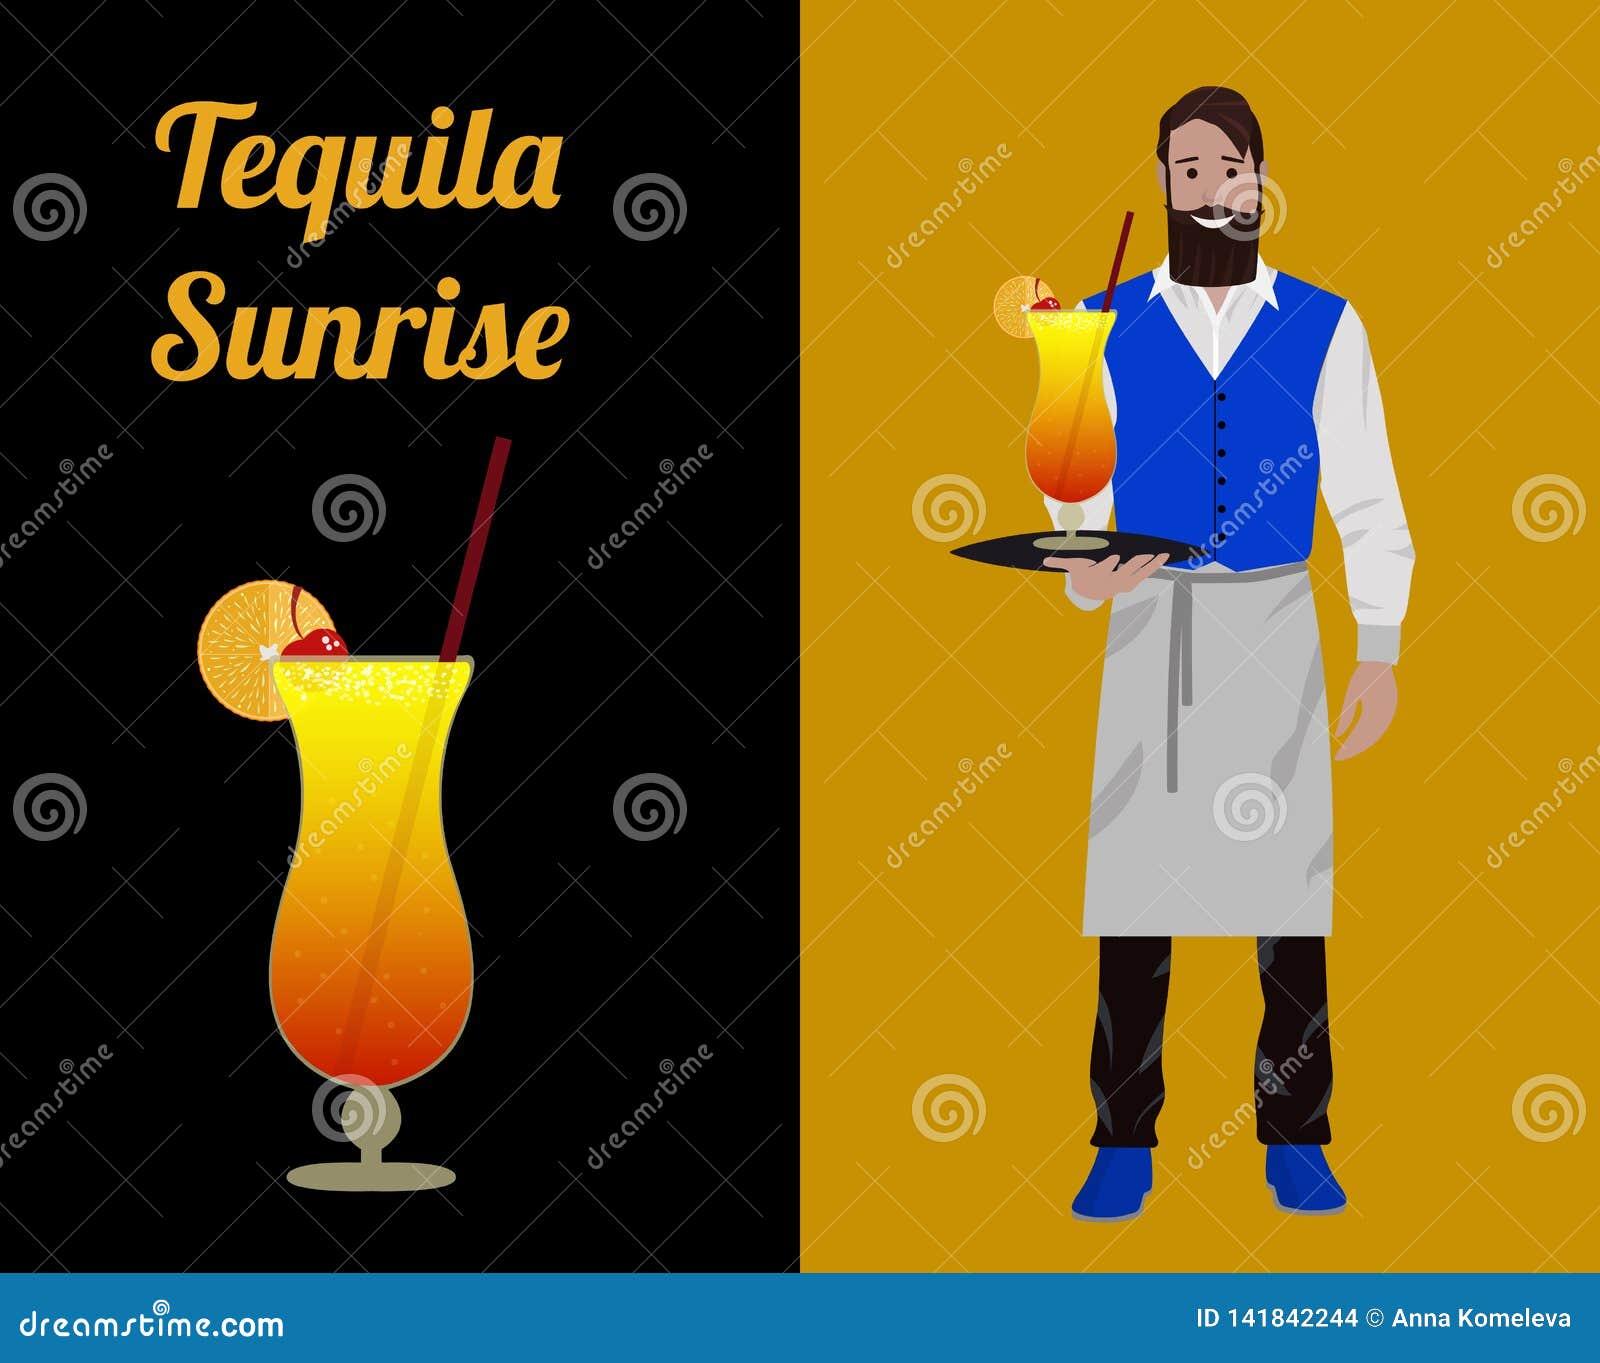 Cocktailkellner